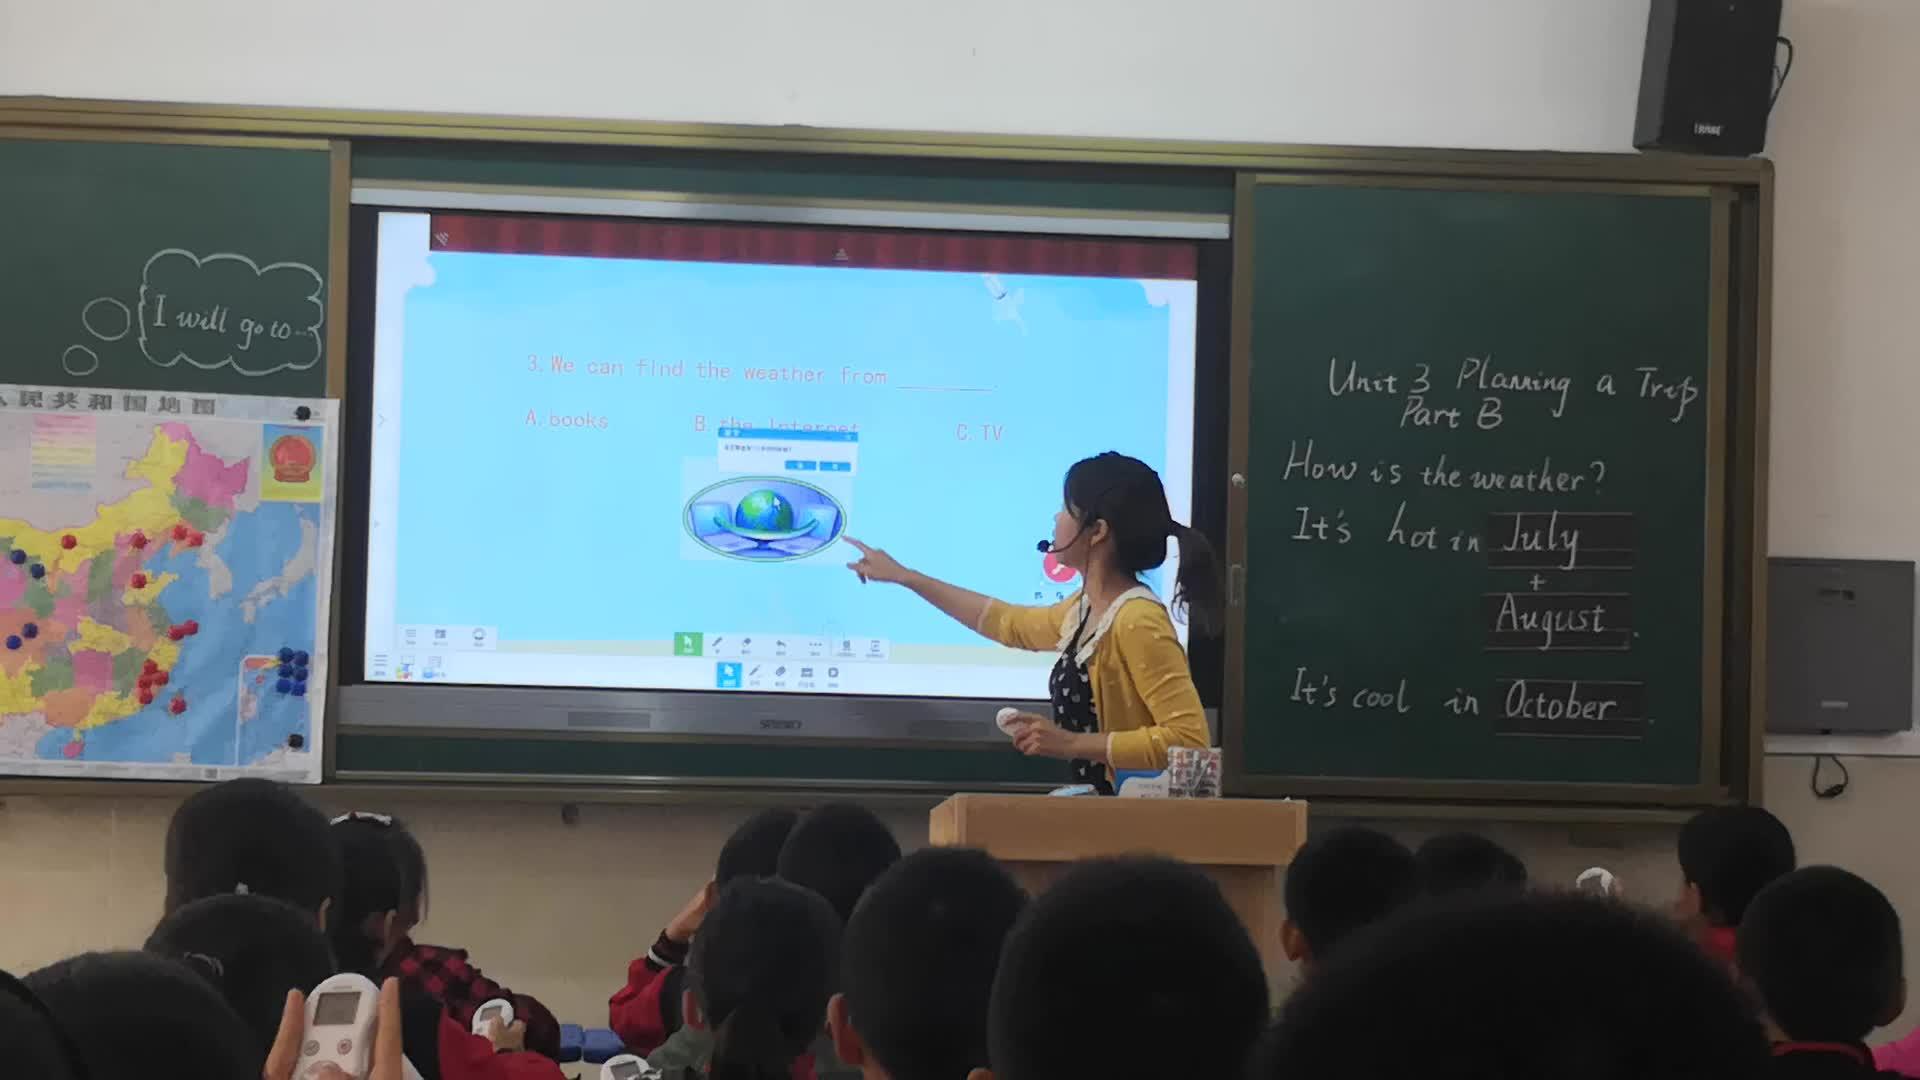 Model QRF999 kablosuz elektronik oylama sistemi, clickers yanıt sistemi okul için